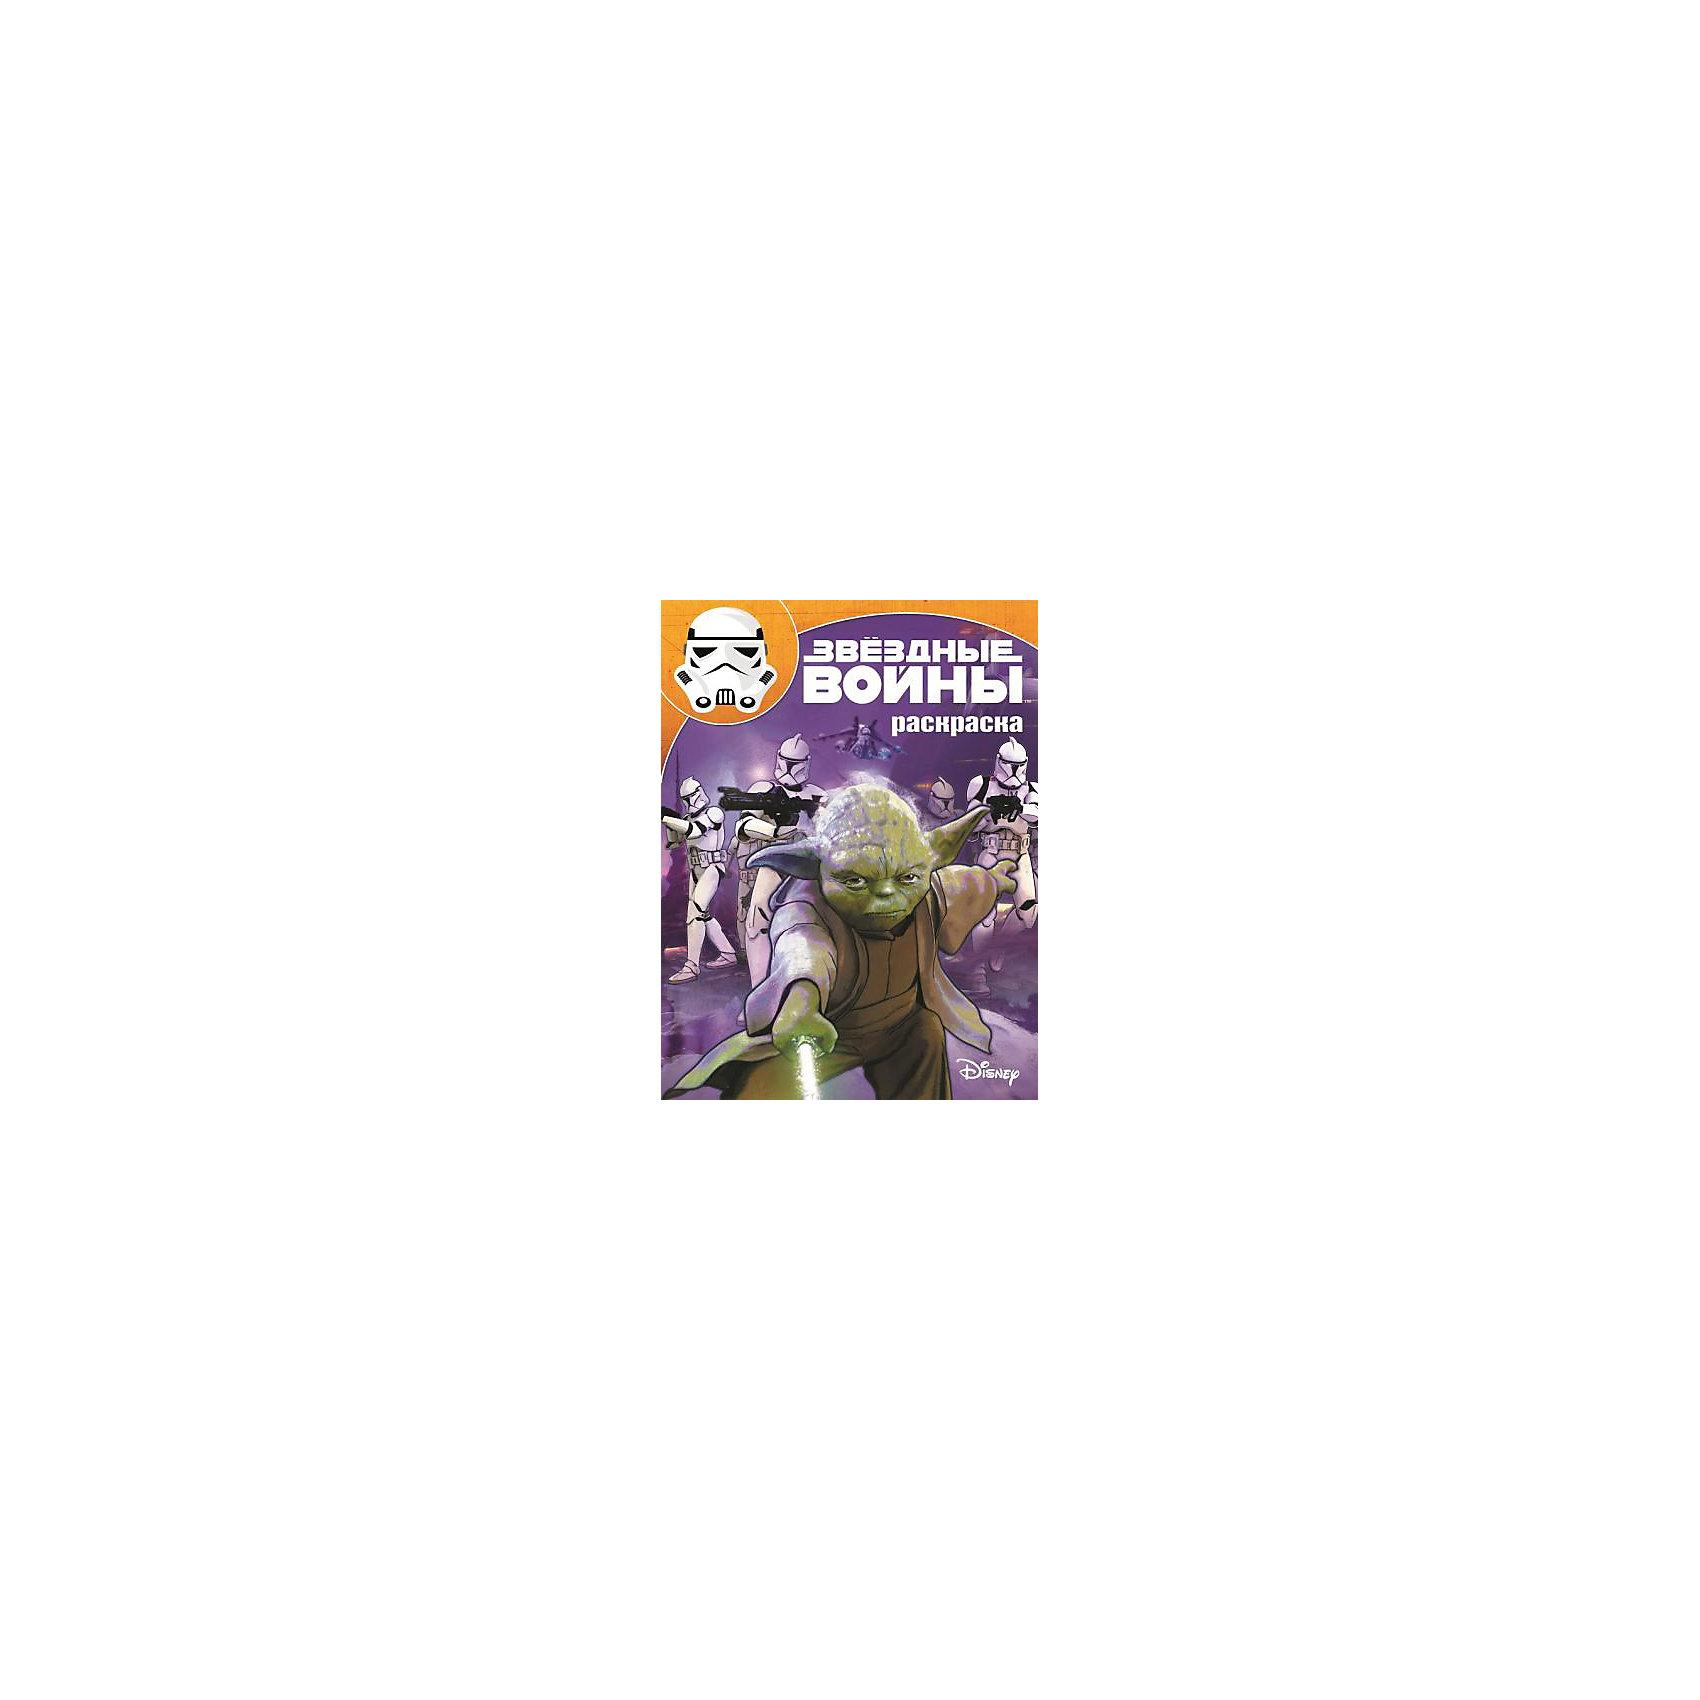 Эгмонт Волшебная раскраска Звездные войны эгмонт большая раскраска с наклейками русалочка принцессы дисней